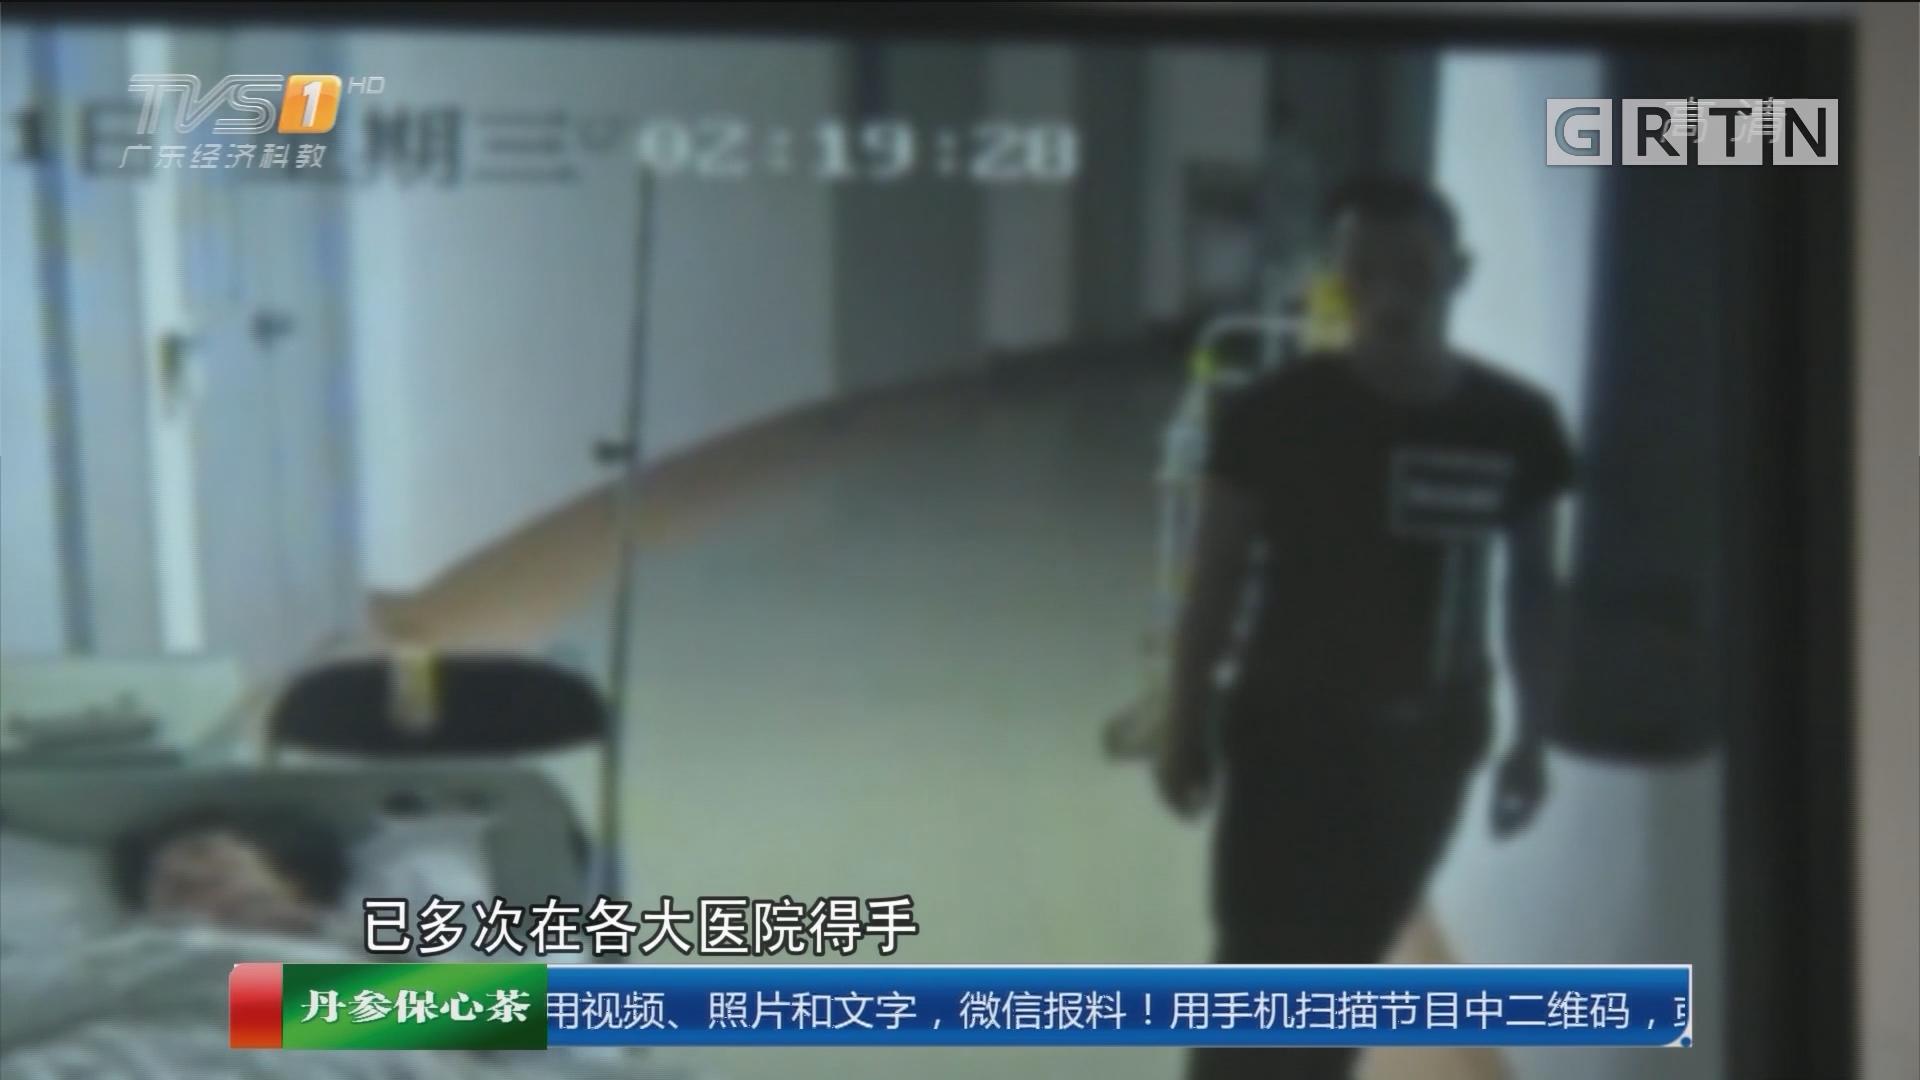 深圳:扮病人家属盗窃 医院看病小心扒手